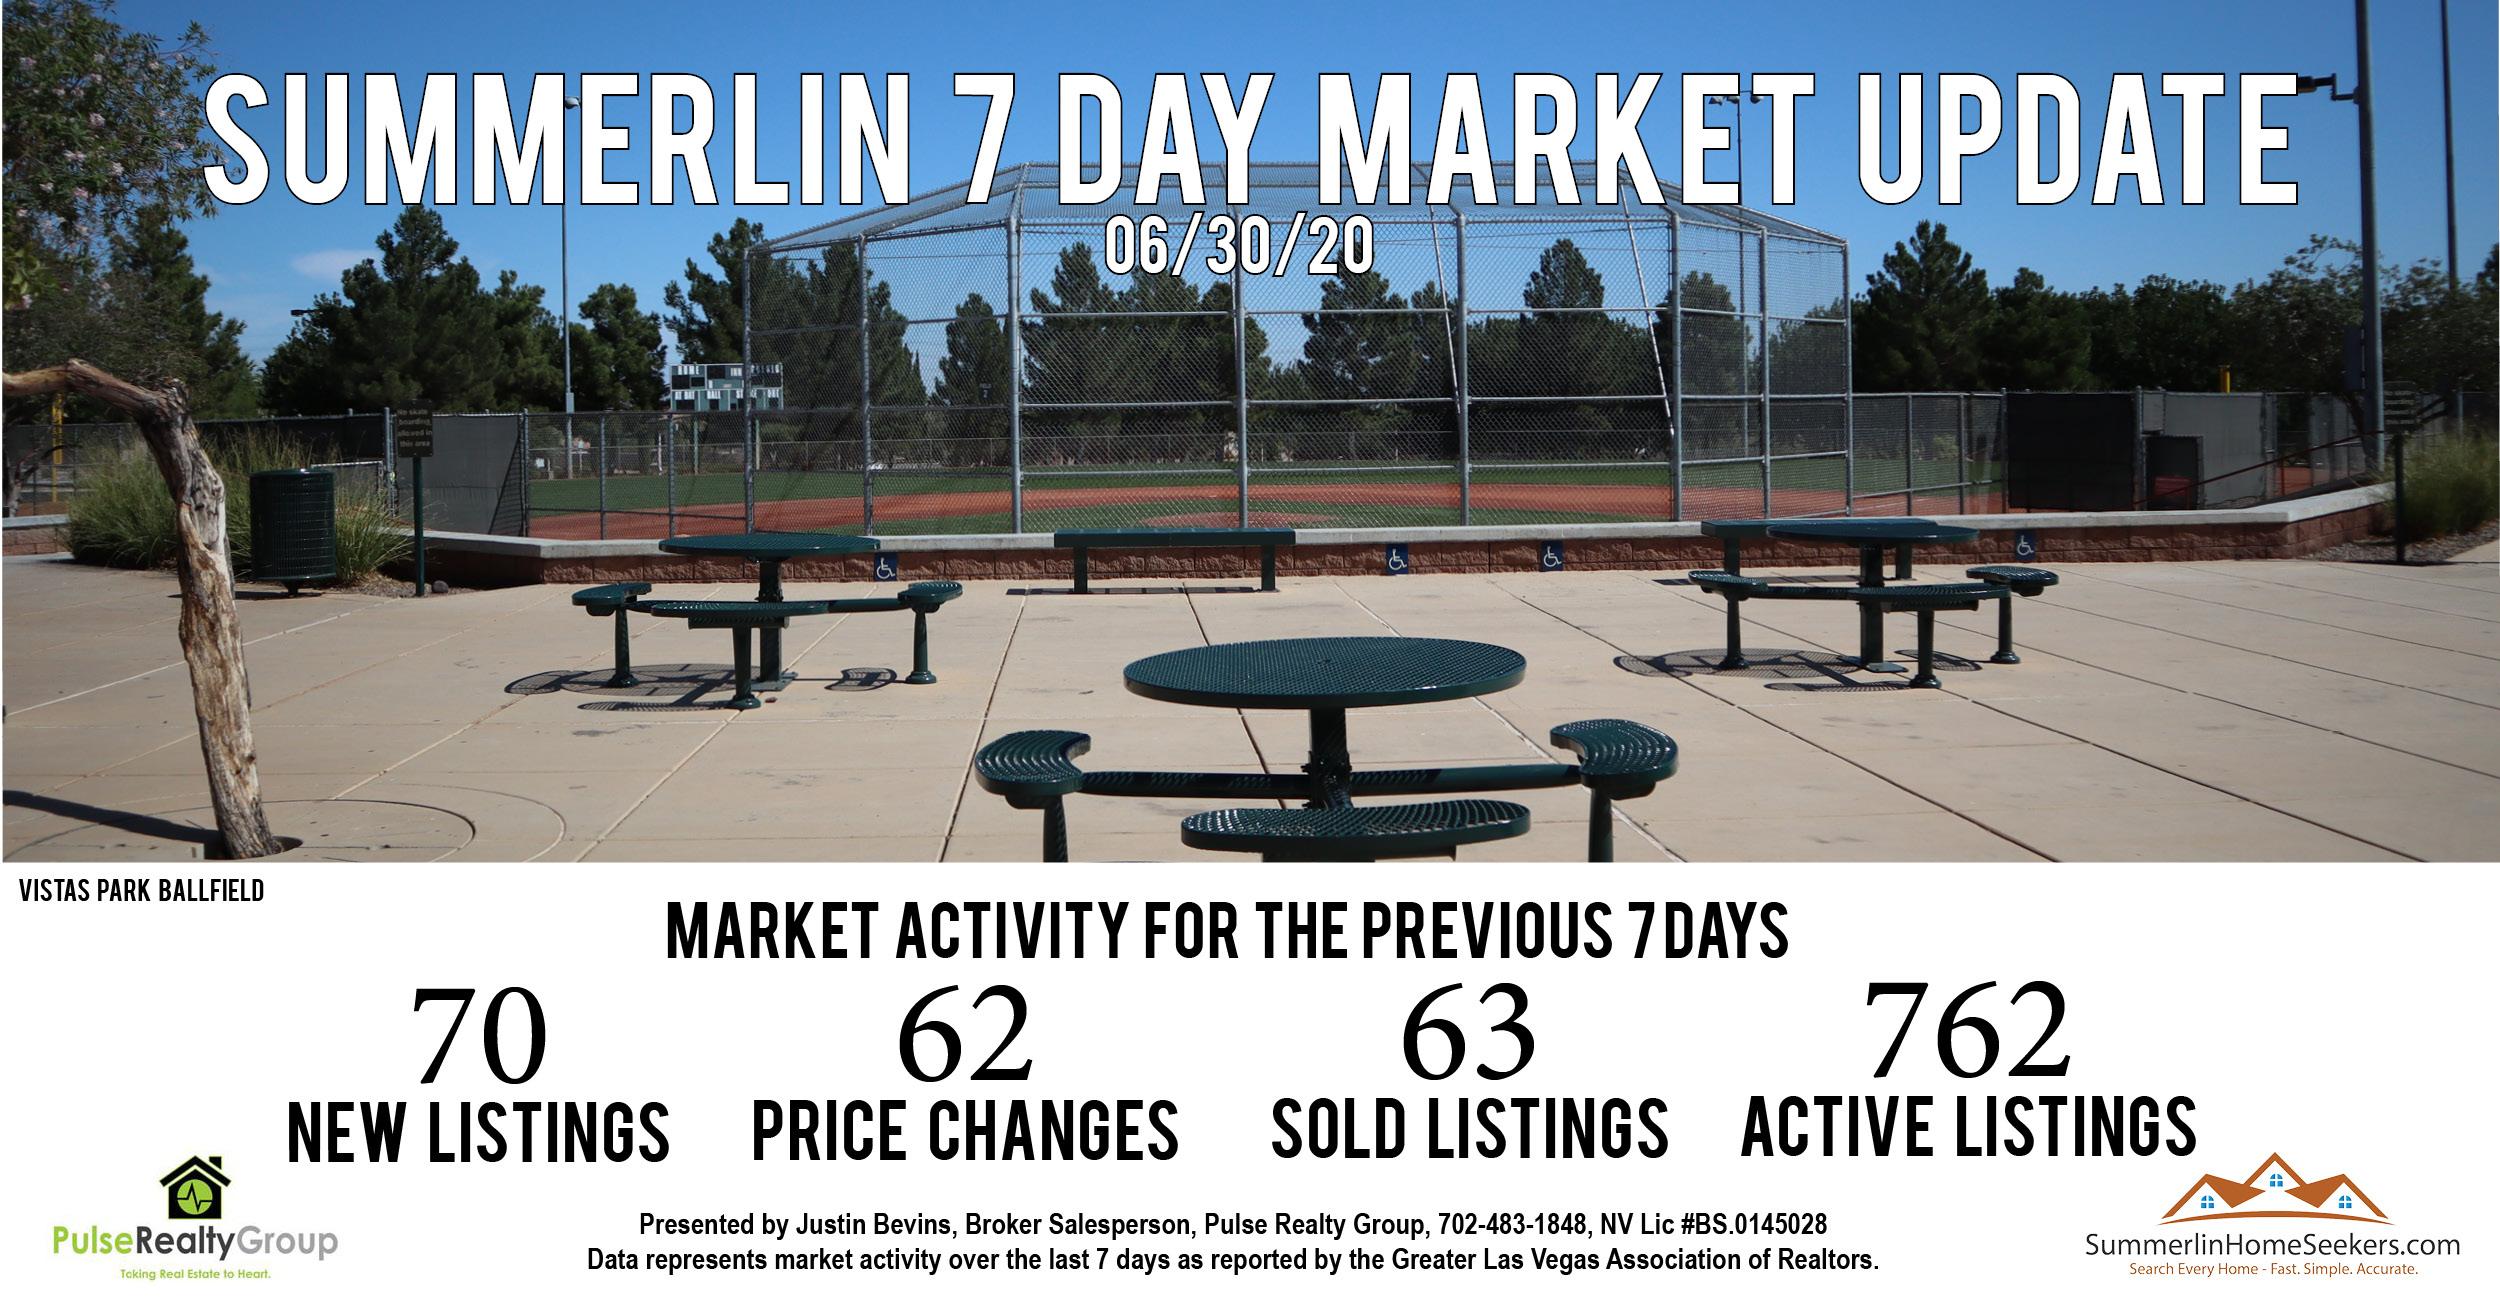 Summerlin 7 Day Market Update 06/30/20